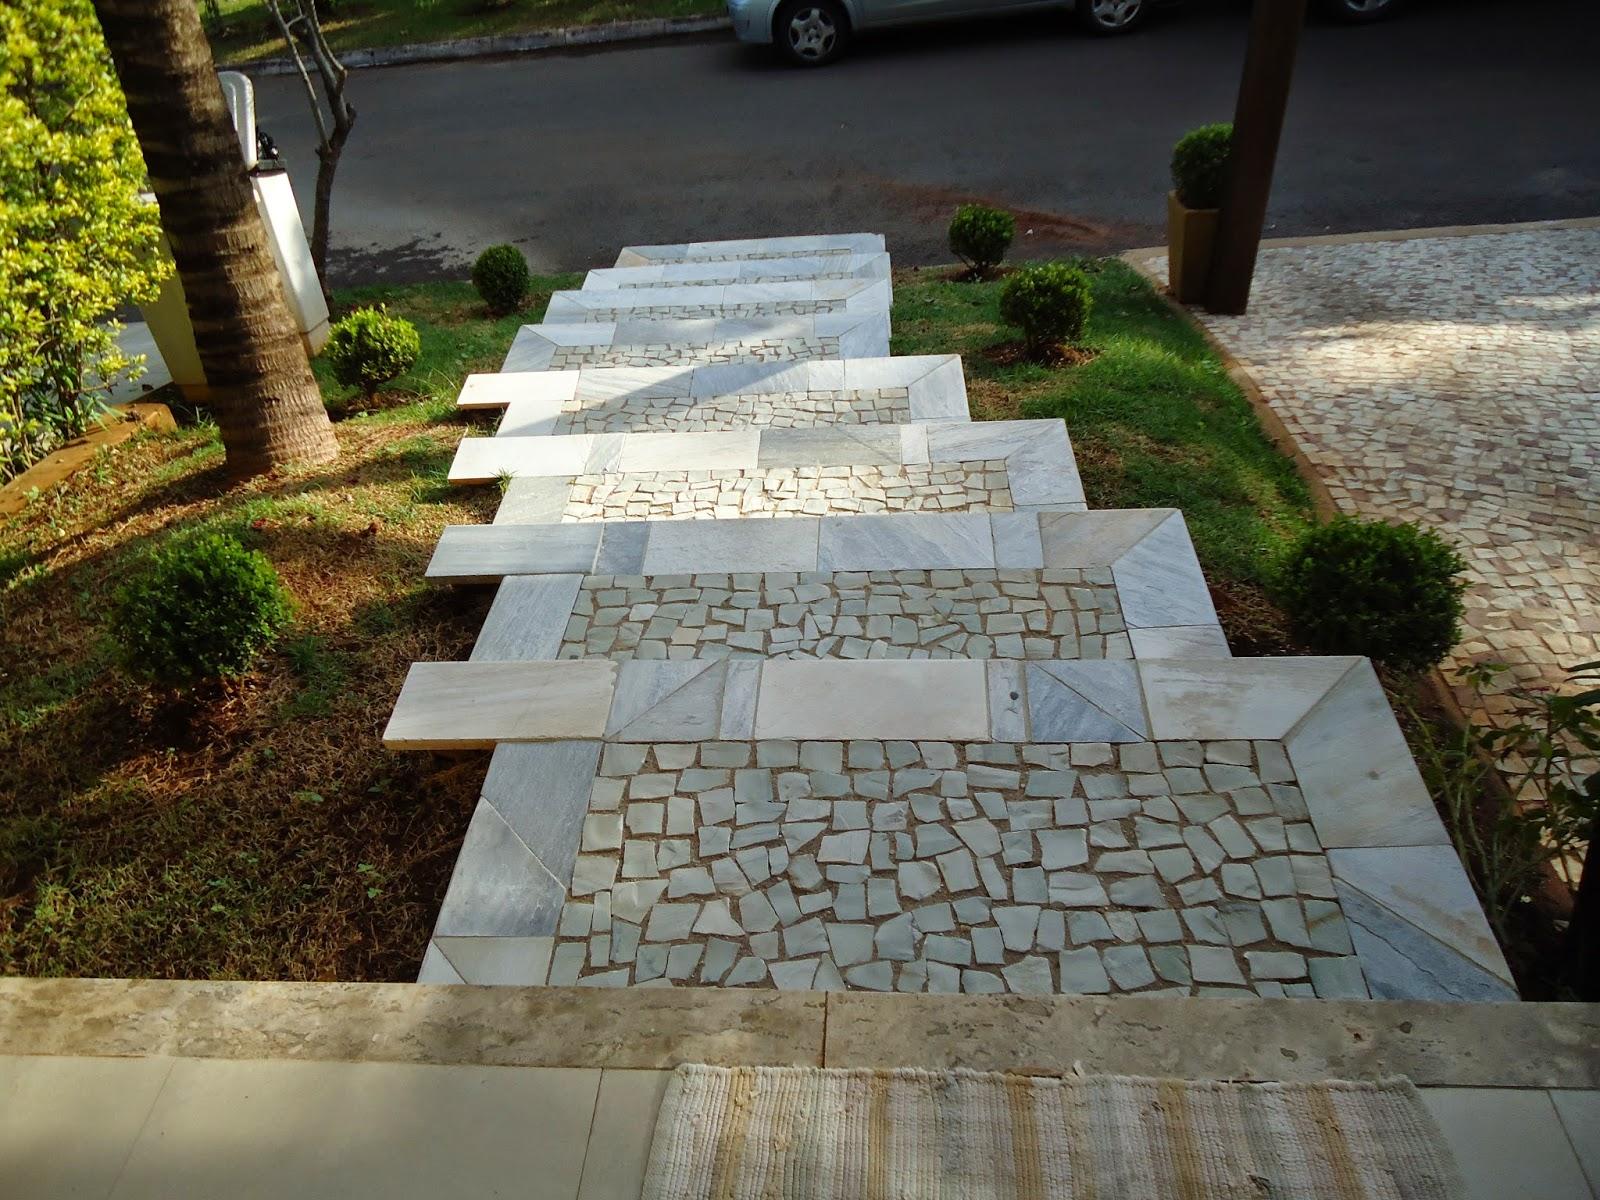 escada de pedra no jardim:Realizando a Reforma: Lavagem de Pedra São Tomé e pedra Portuguesa